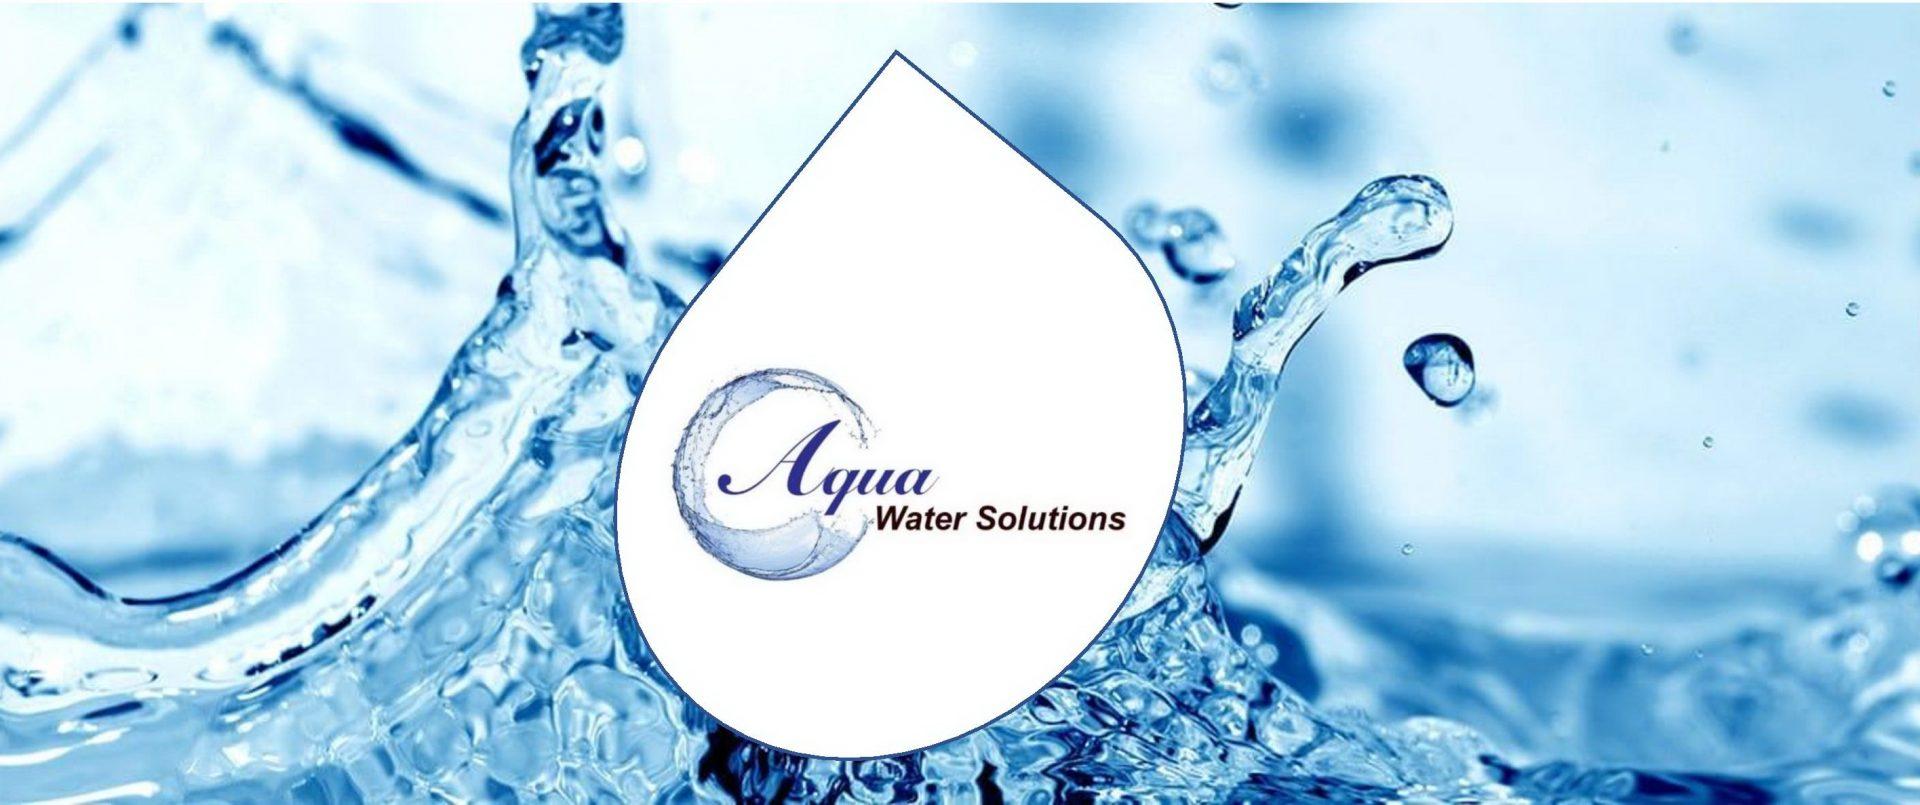 Aqua Water Solutions